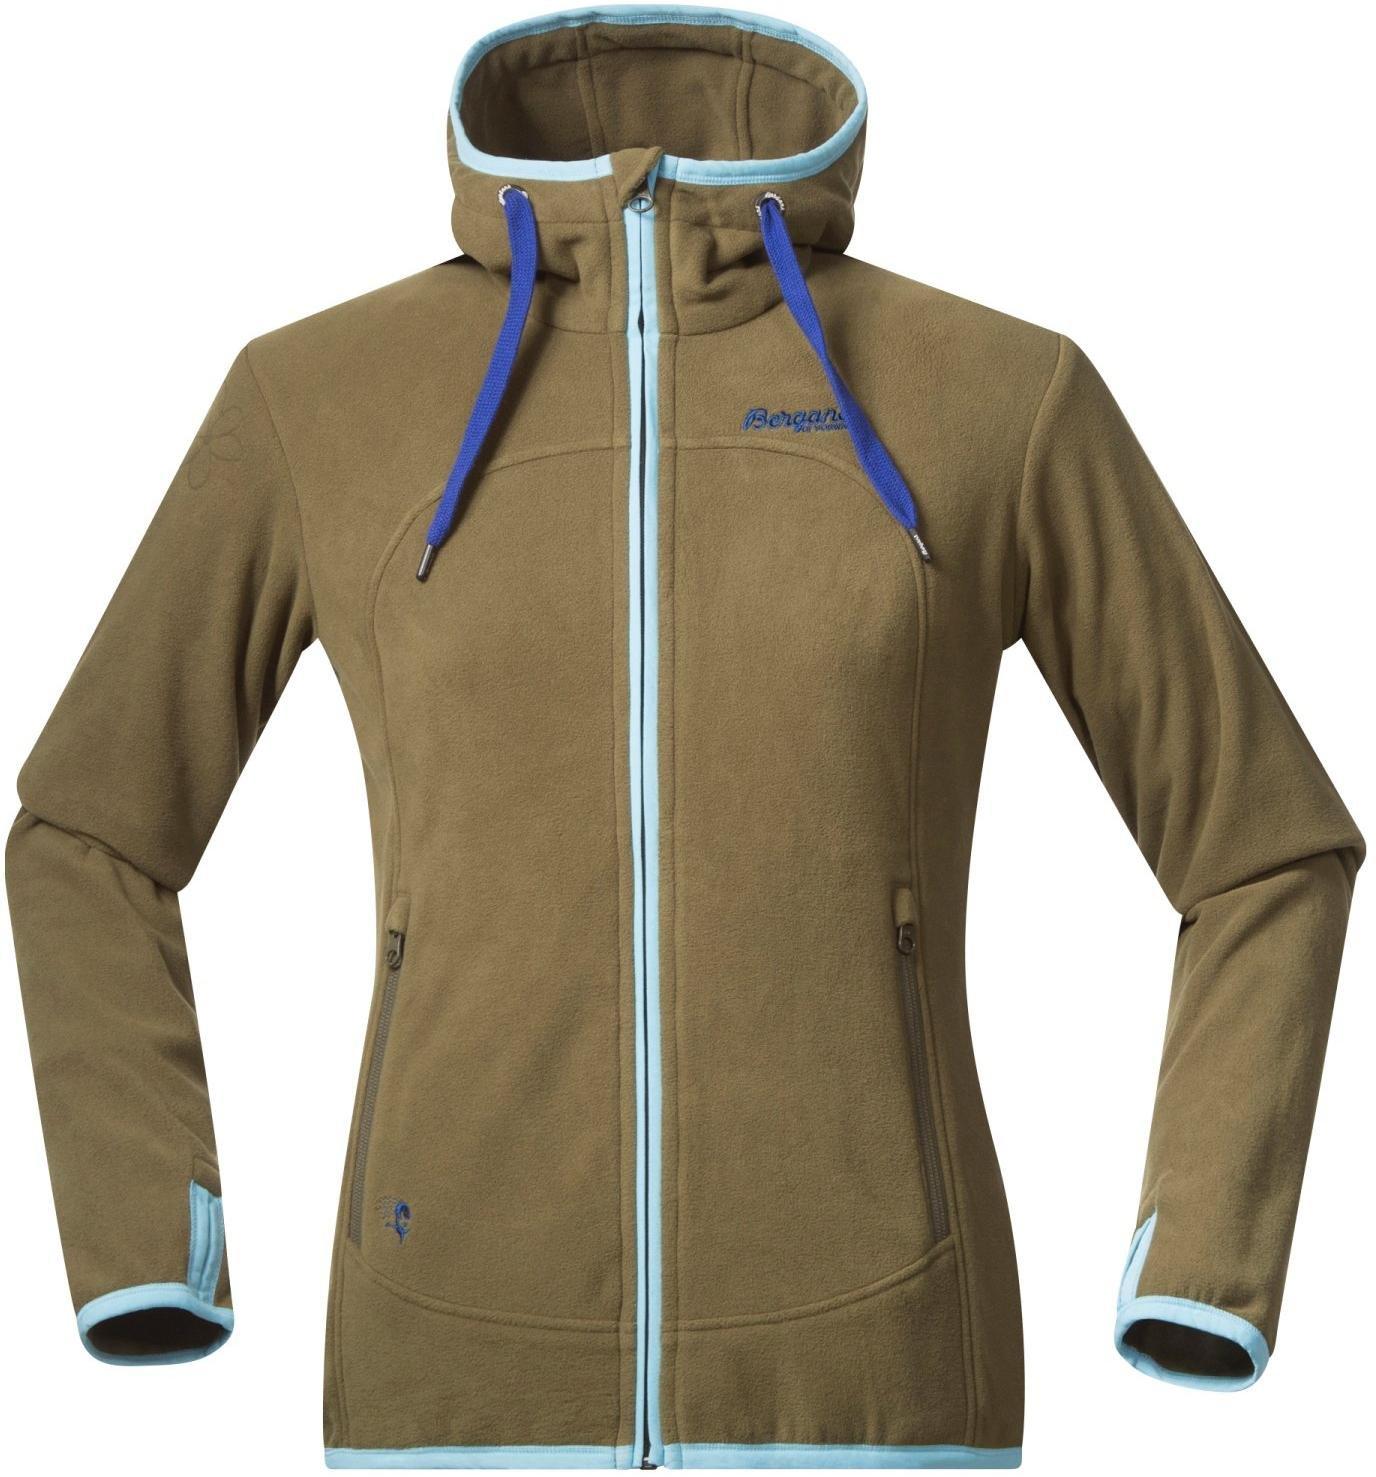 e1d17cdf Bergans Cecilie Fleece Jacket ab 43,97 € im Preisvergleich kaufen